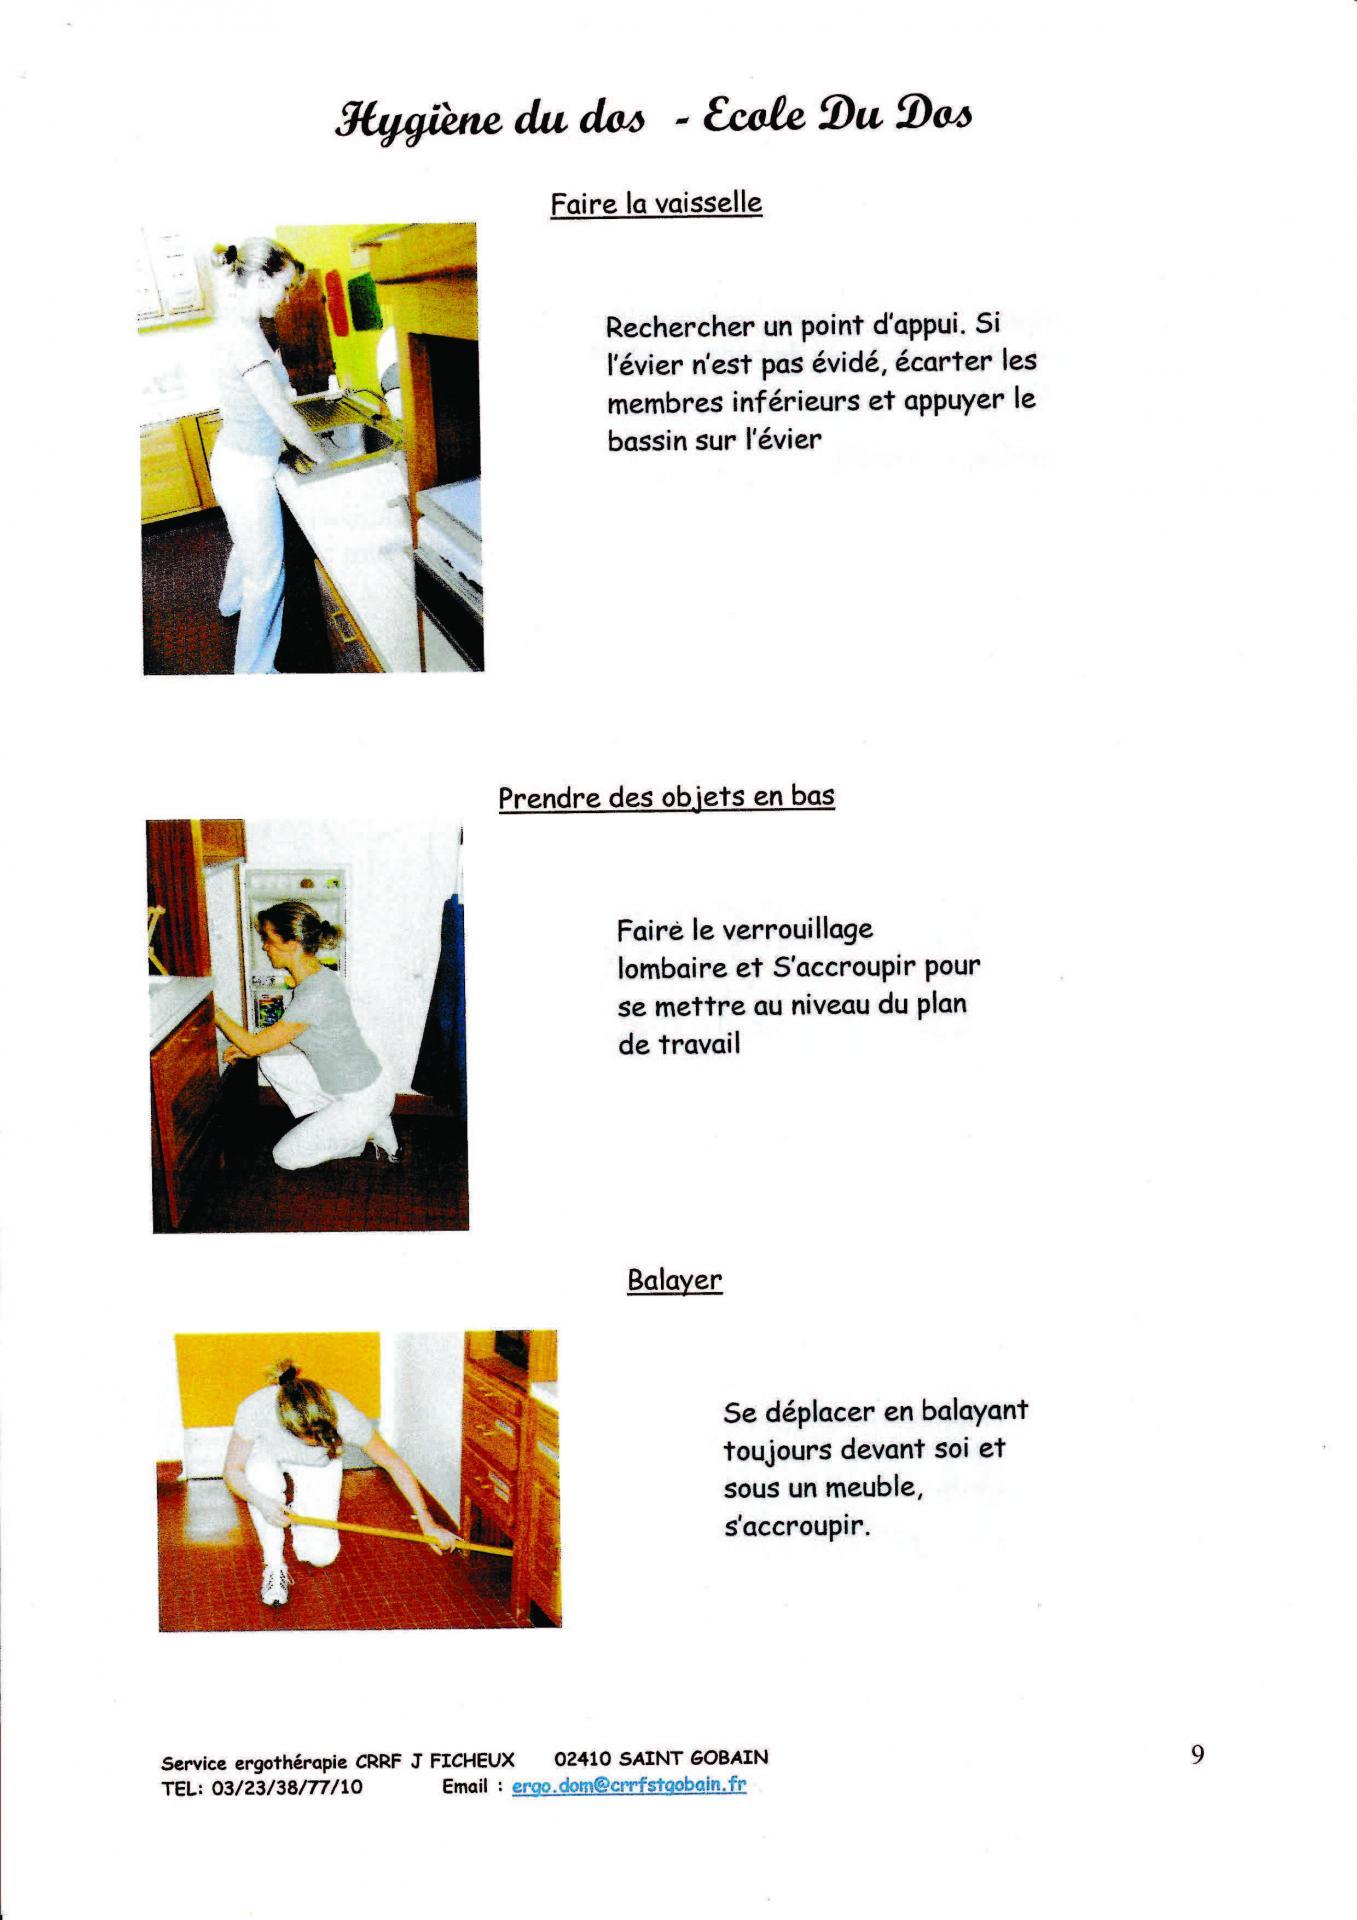 Ecole du dos pdfbis page 09